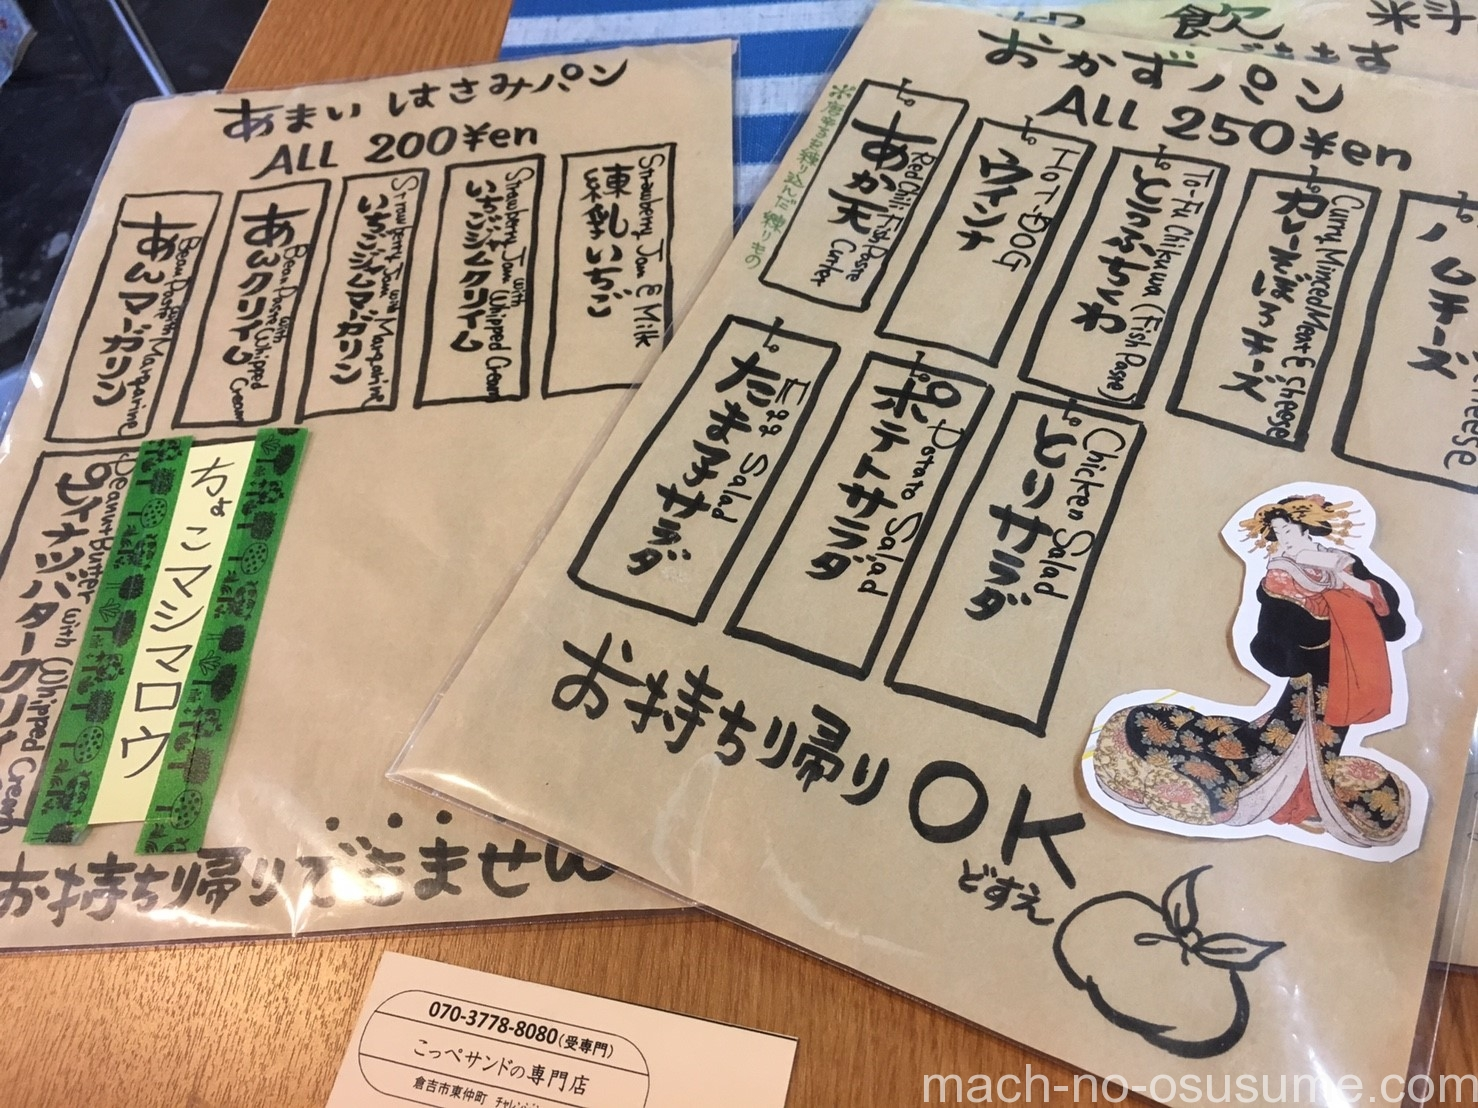 白壁土蔵食べ歩き_170310_0001